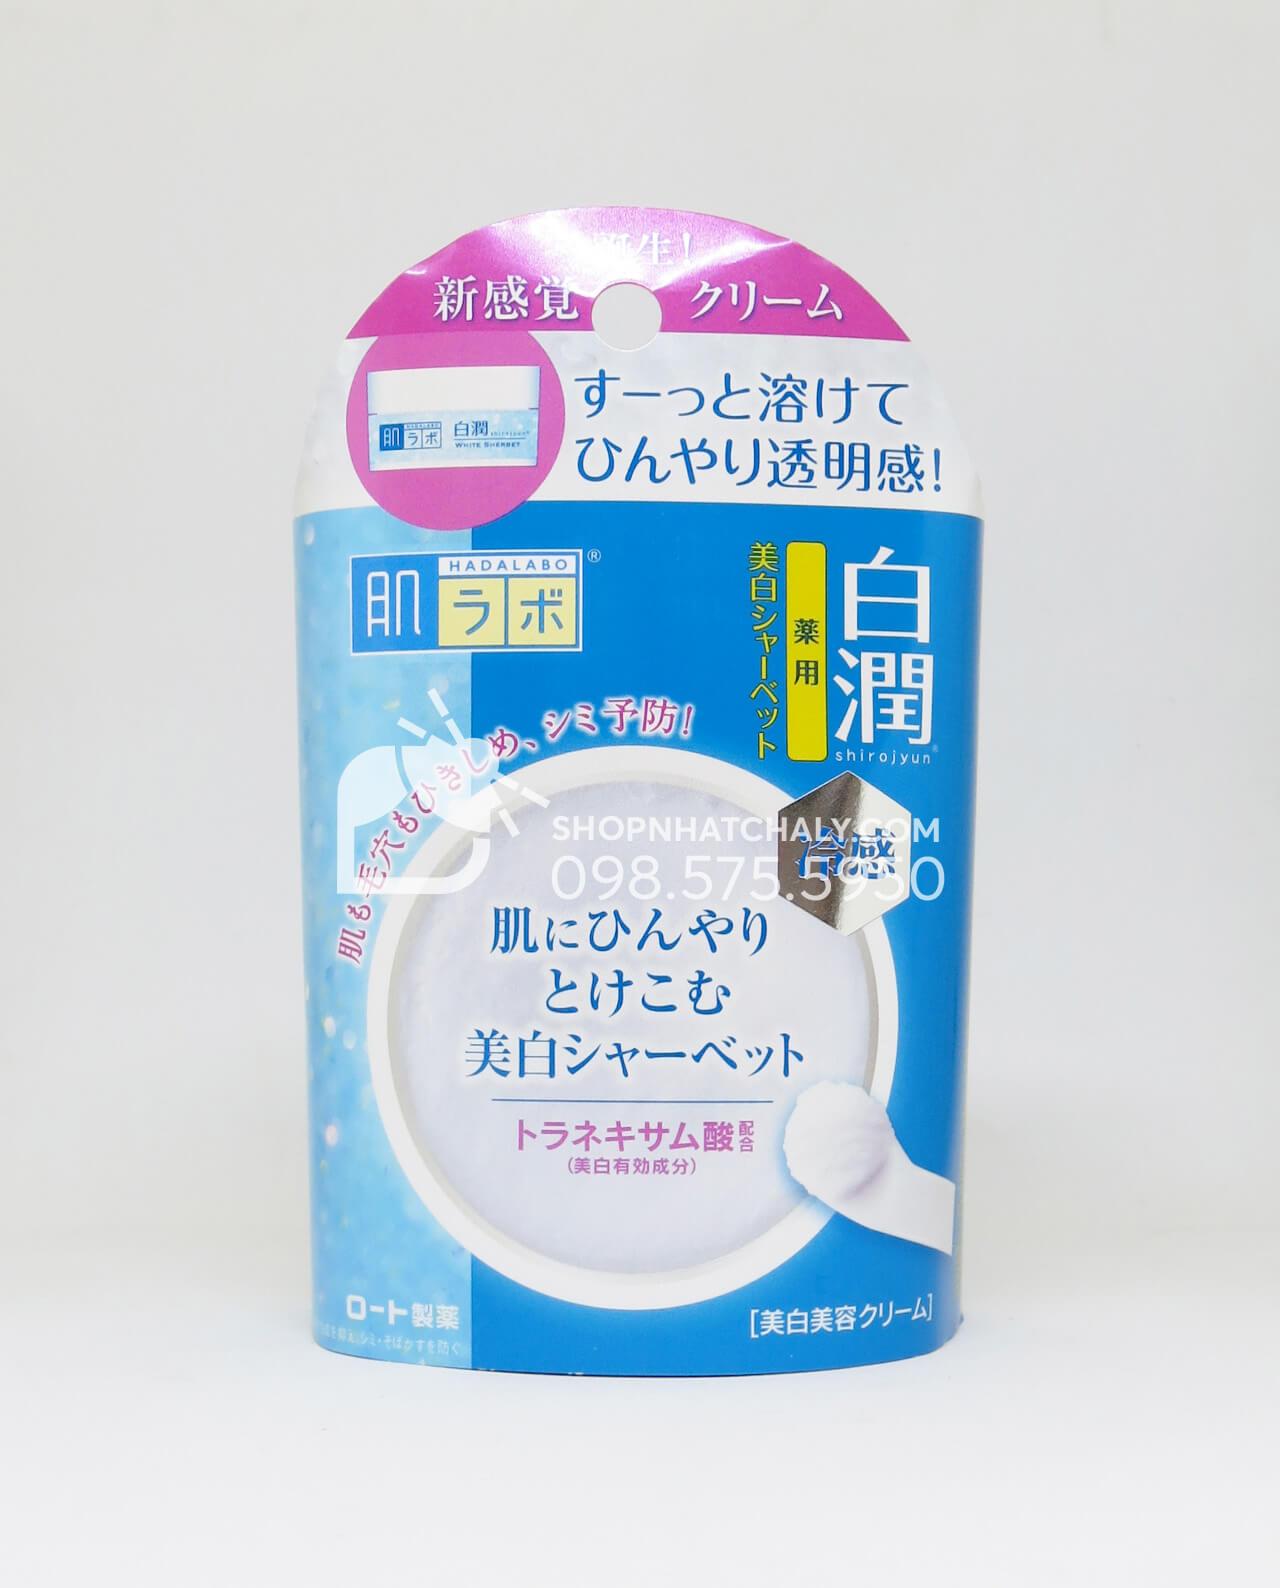 Kem lạnh dưỡng trắng da Hada Labo Shirojyun White Sherbet Nhật Bản